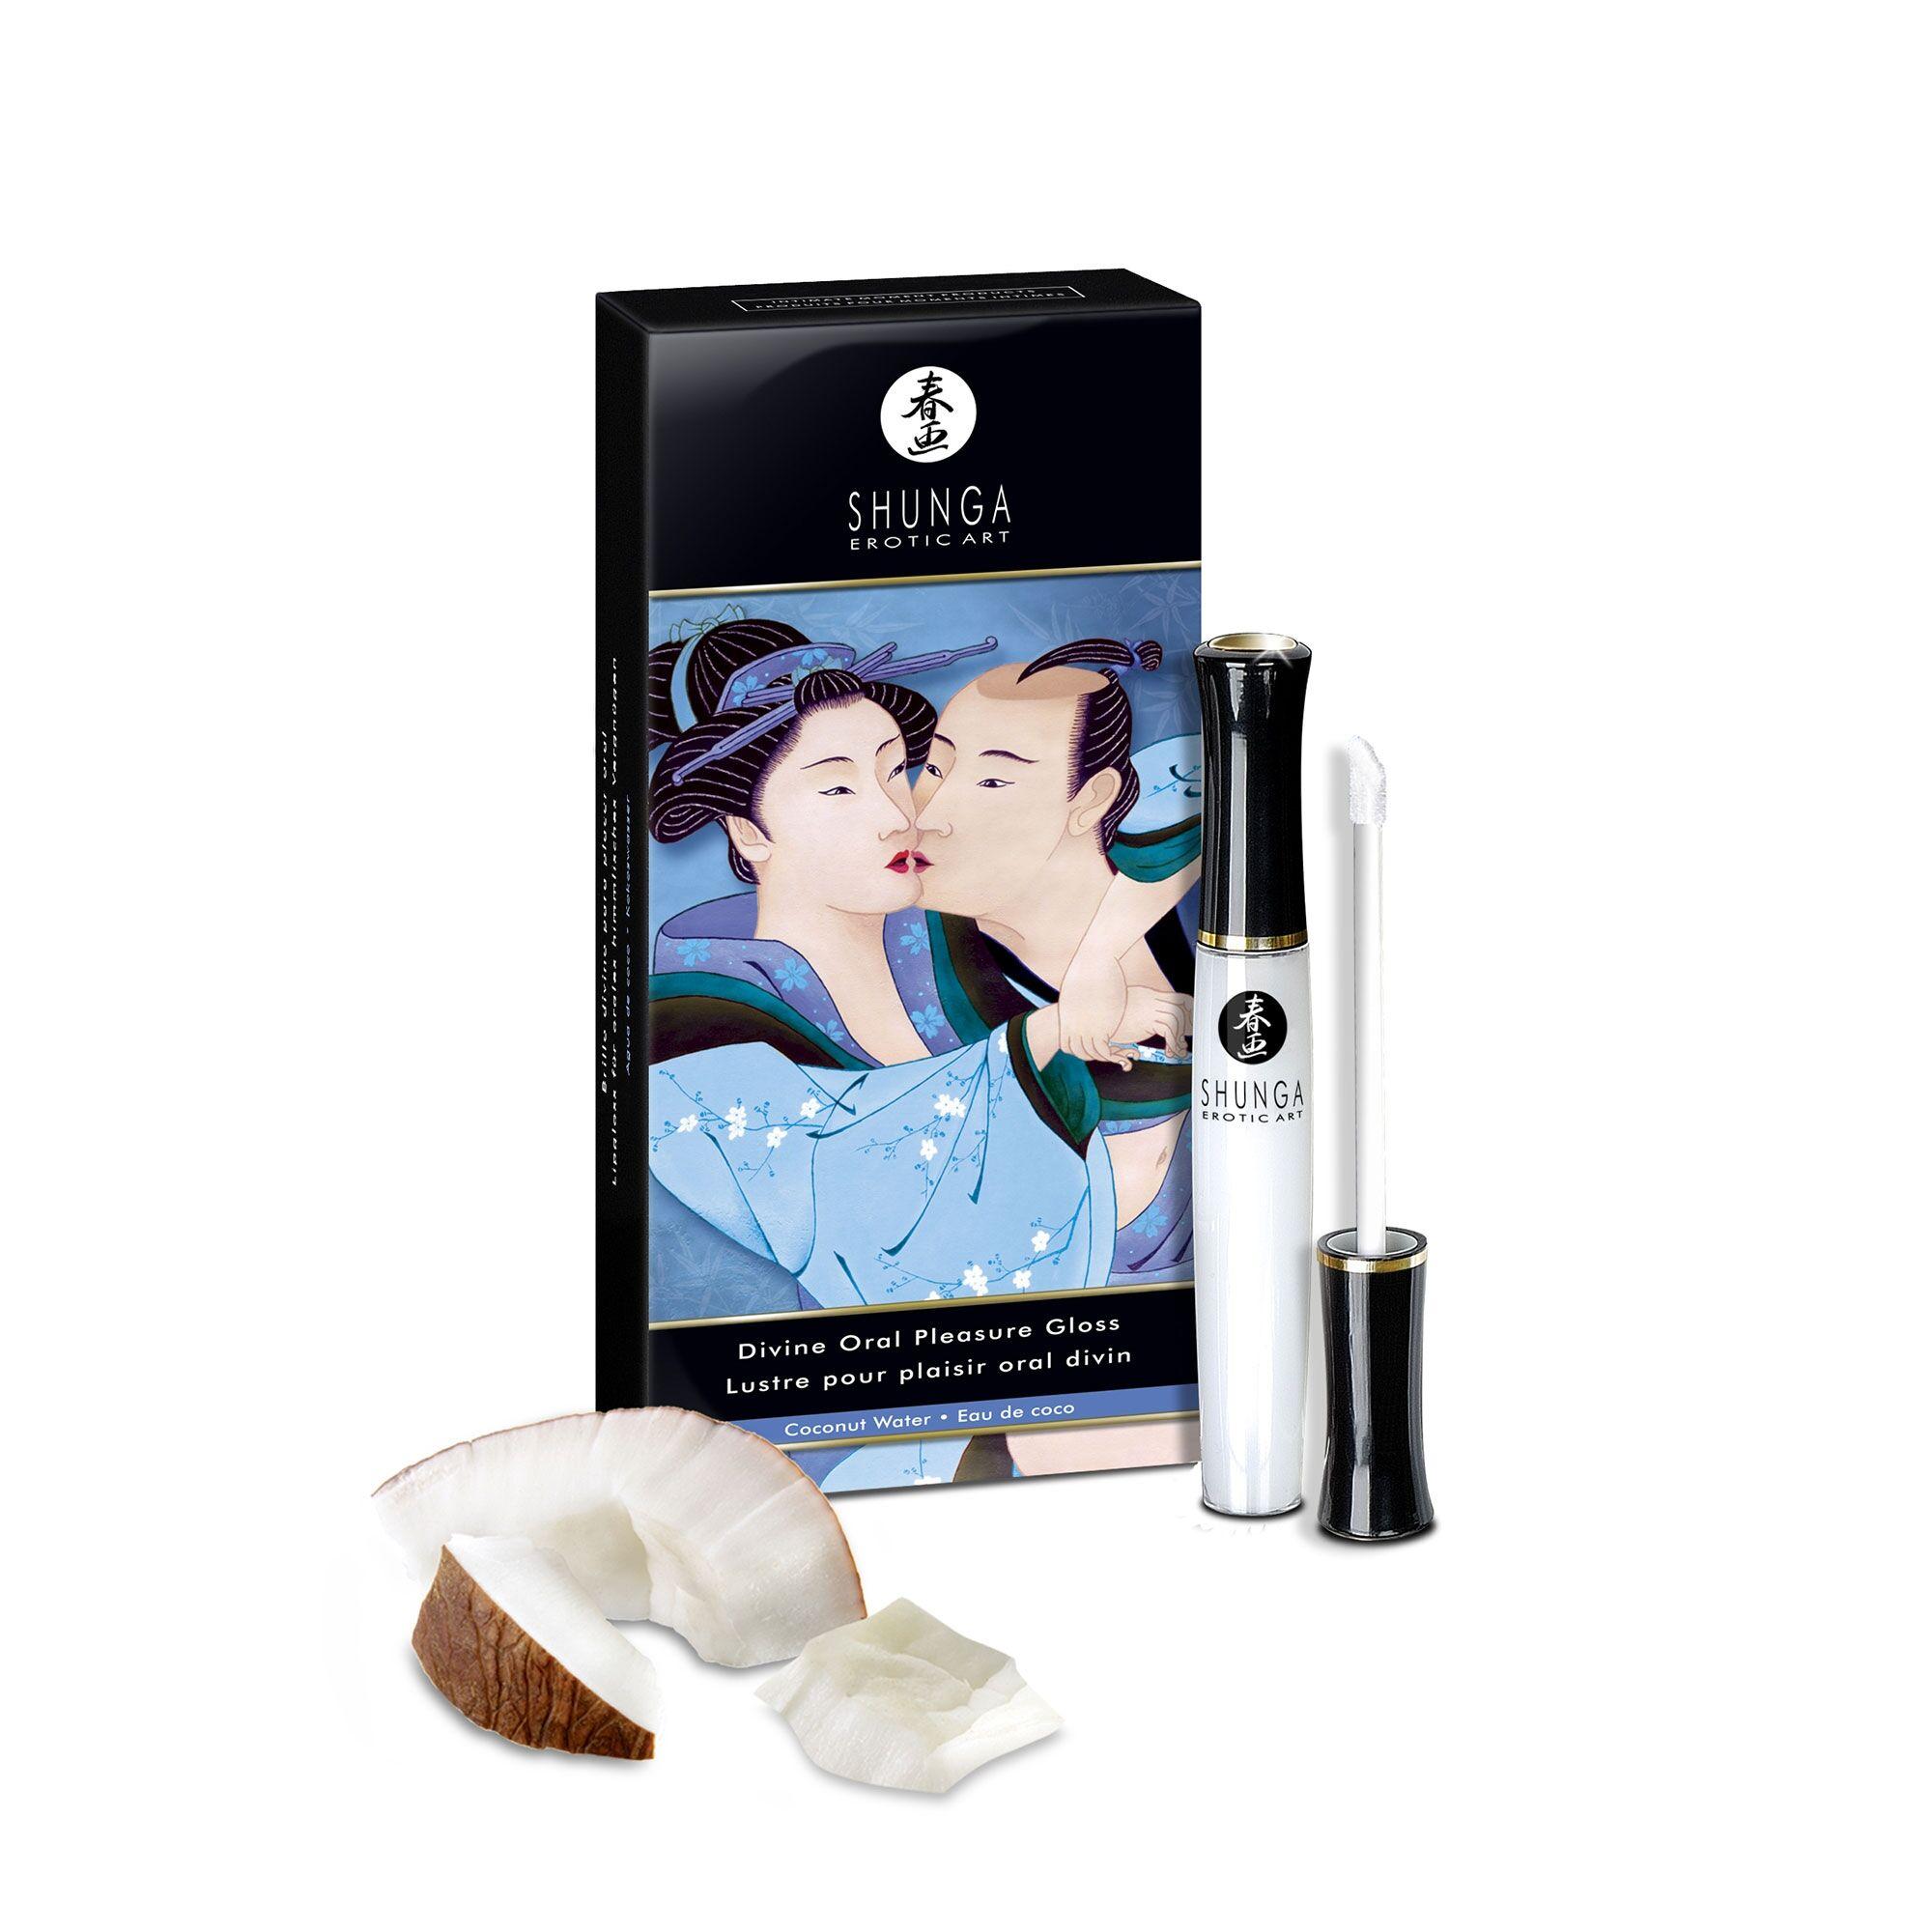 Shunga Gloss Plaisir Oral Divin Eau de Coco